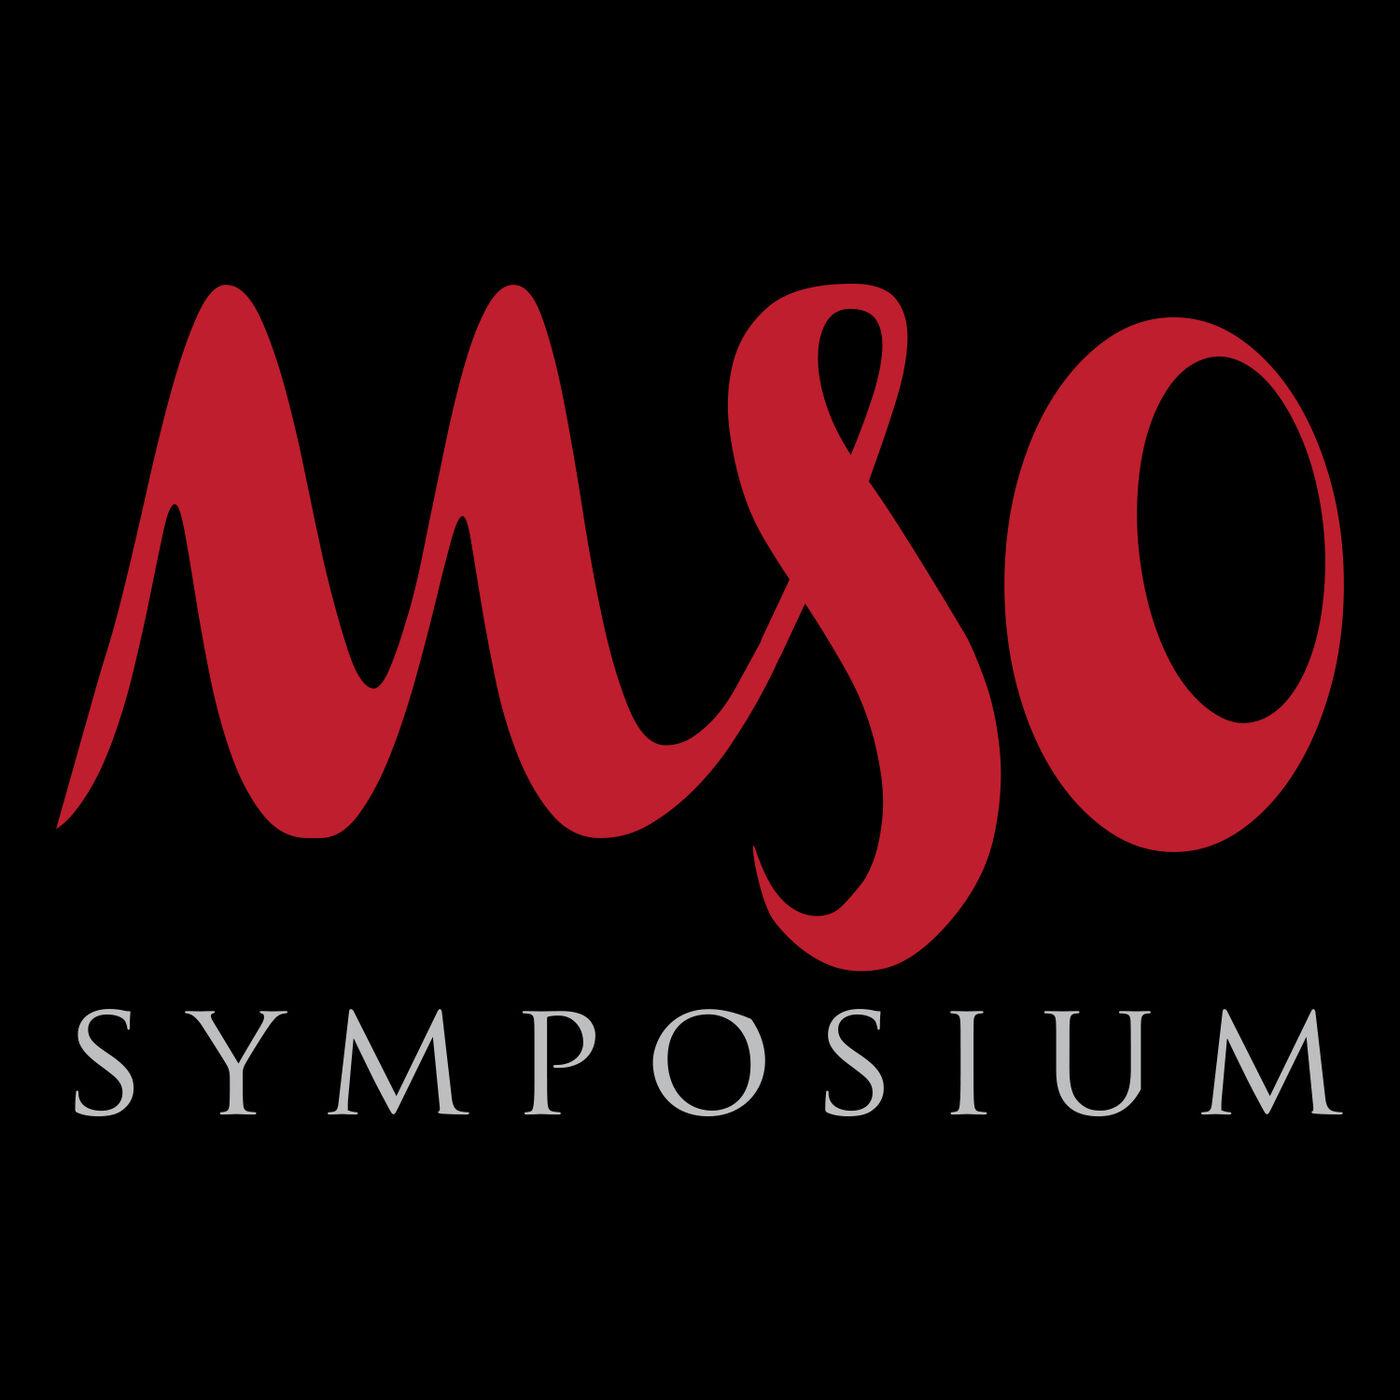 Episode 70 - MSO Symposium Goes Virtual